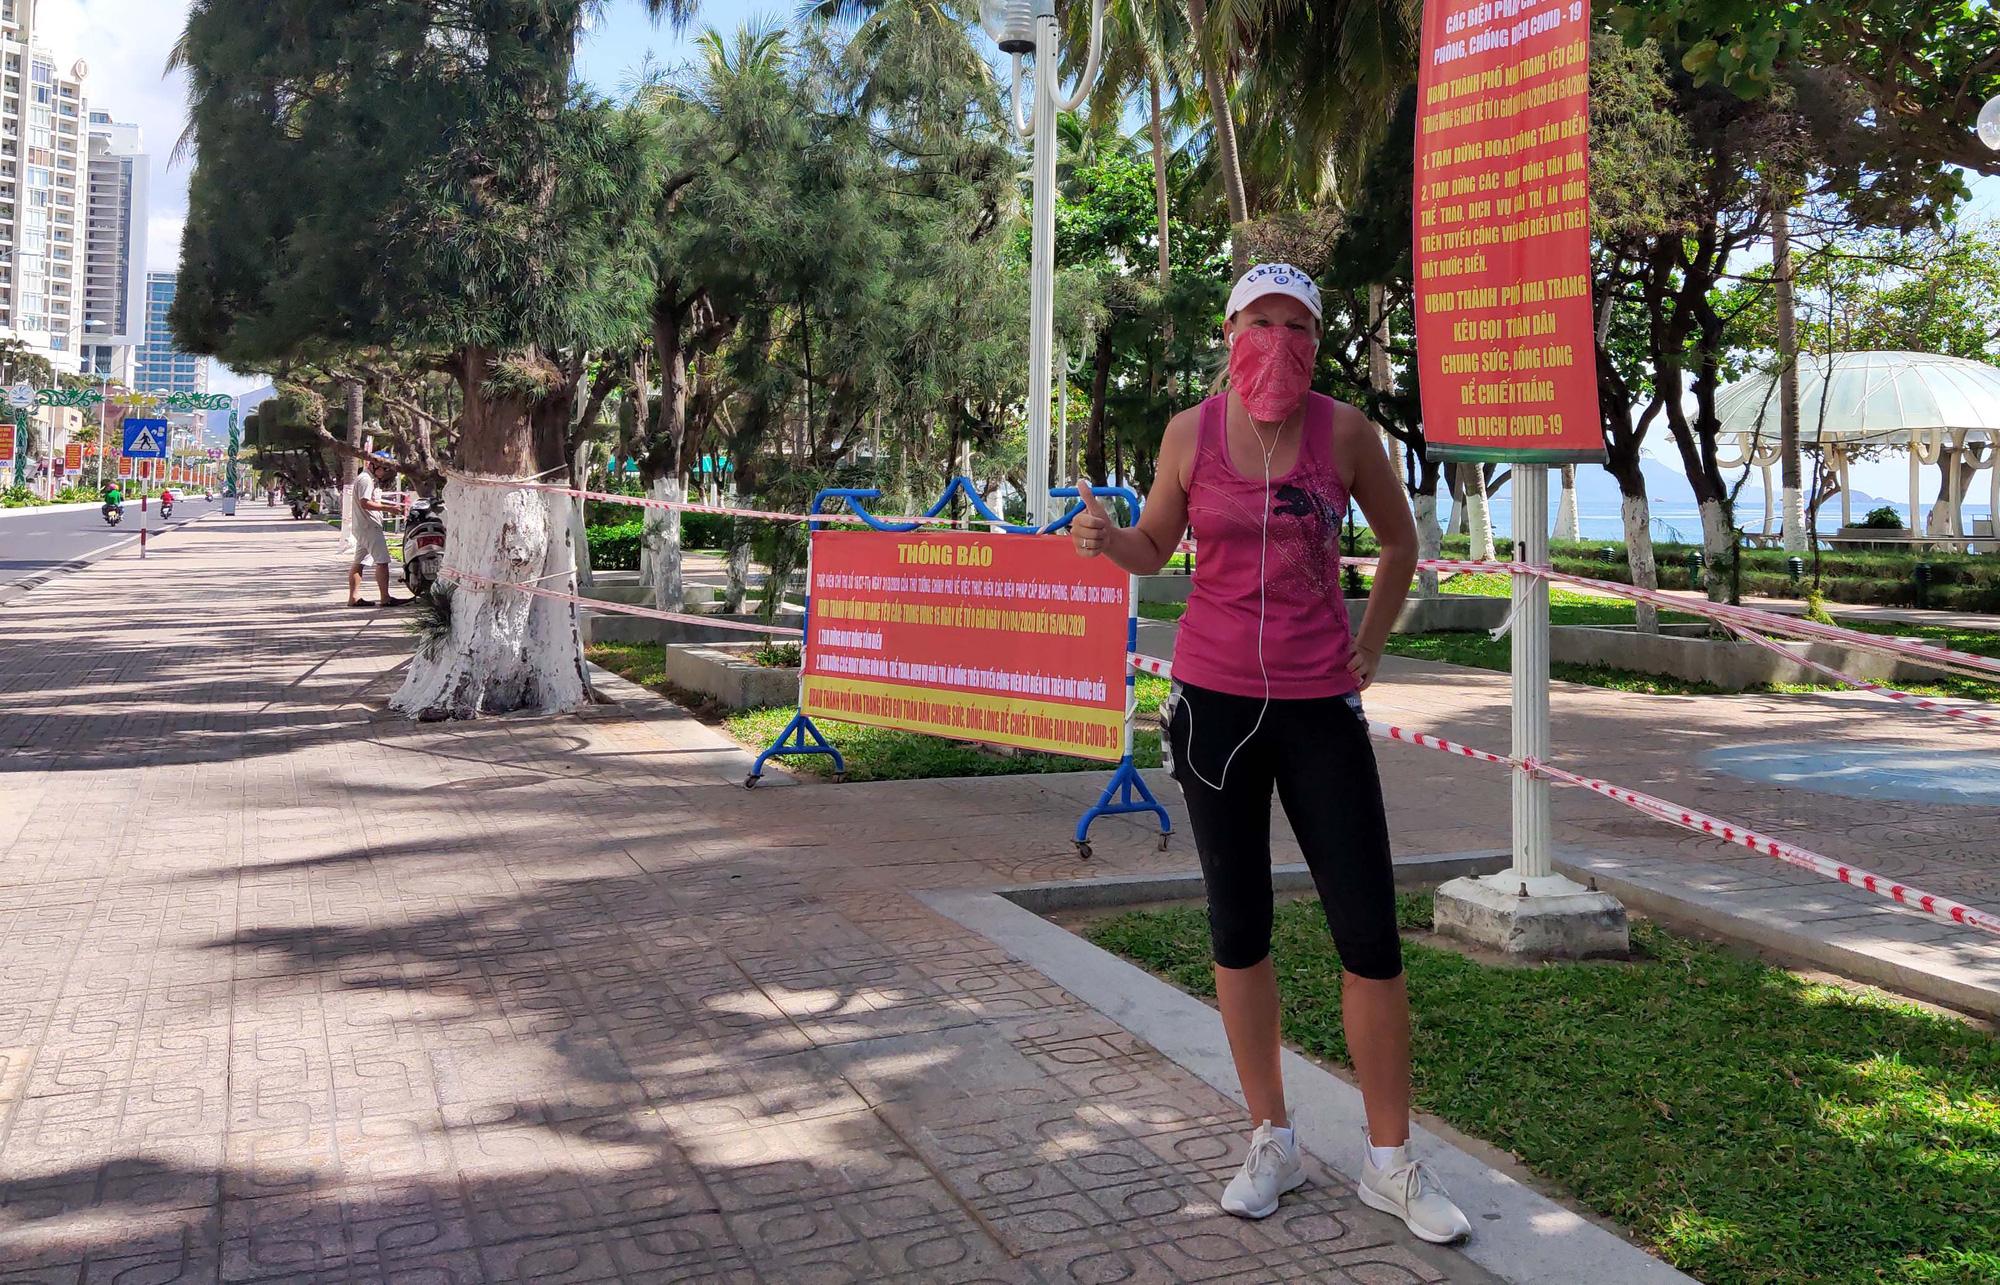 Du khách đeo khẩu trang tập luyện thể thao khi Nha Trang tạm ngừng tắm biển và đóng cửa các điểm vui chơi - Ảnh 4.